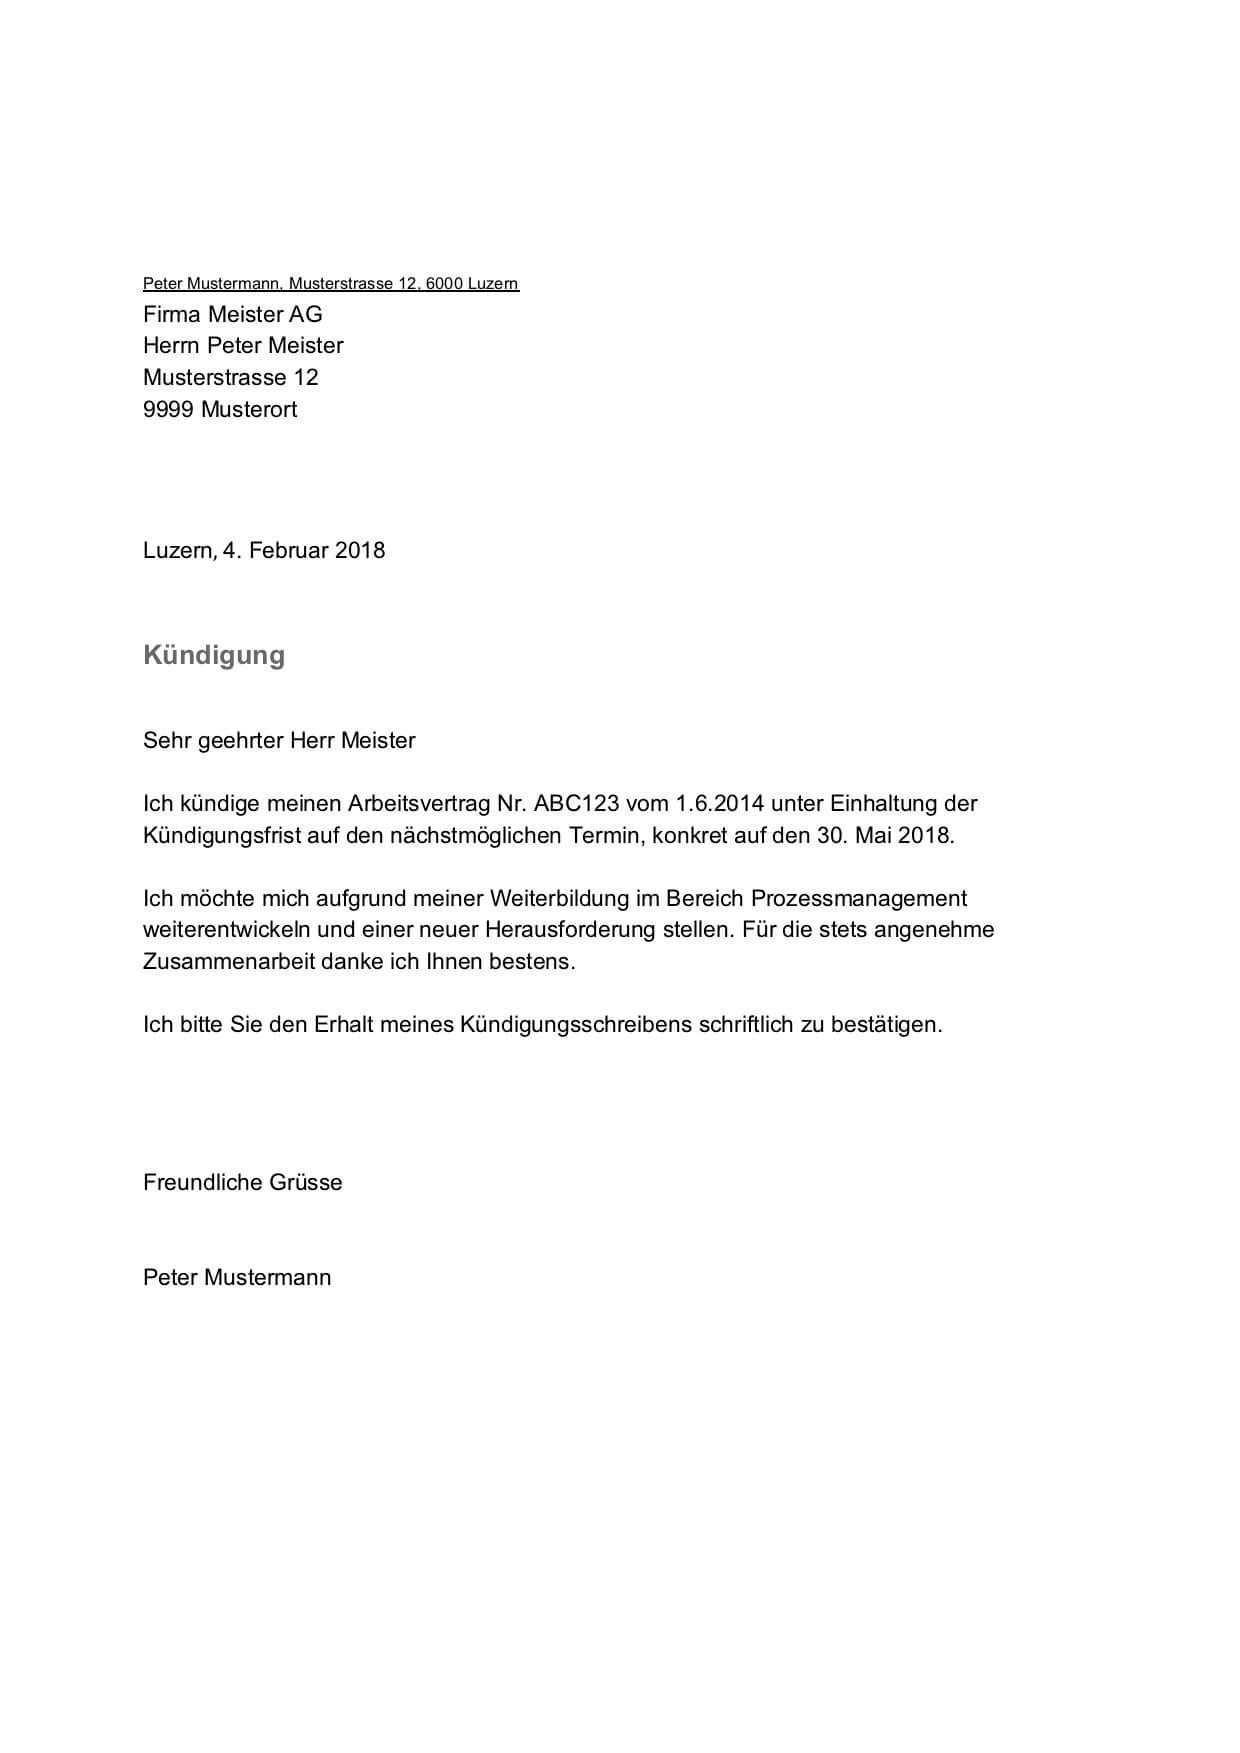 Gratis Kundigungsschreiben Vorlage Mit Diesem Muster Kundigen Sie Als Arbeitnehmer In Der Schweiz Ihren Job Probl Kundigung Schreiben Vorlagen Word Kundigung